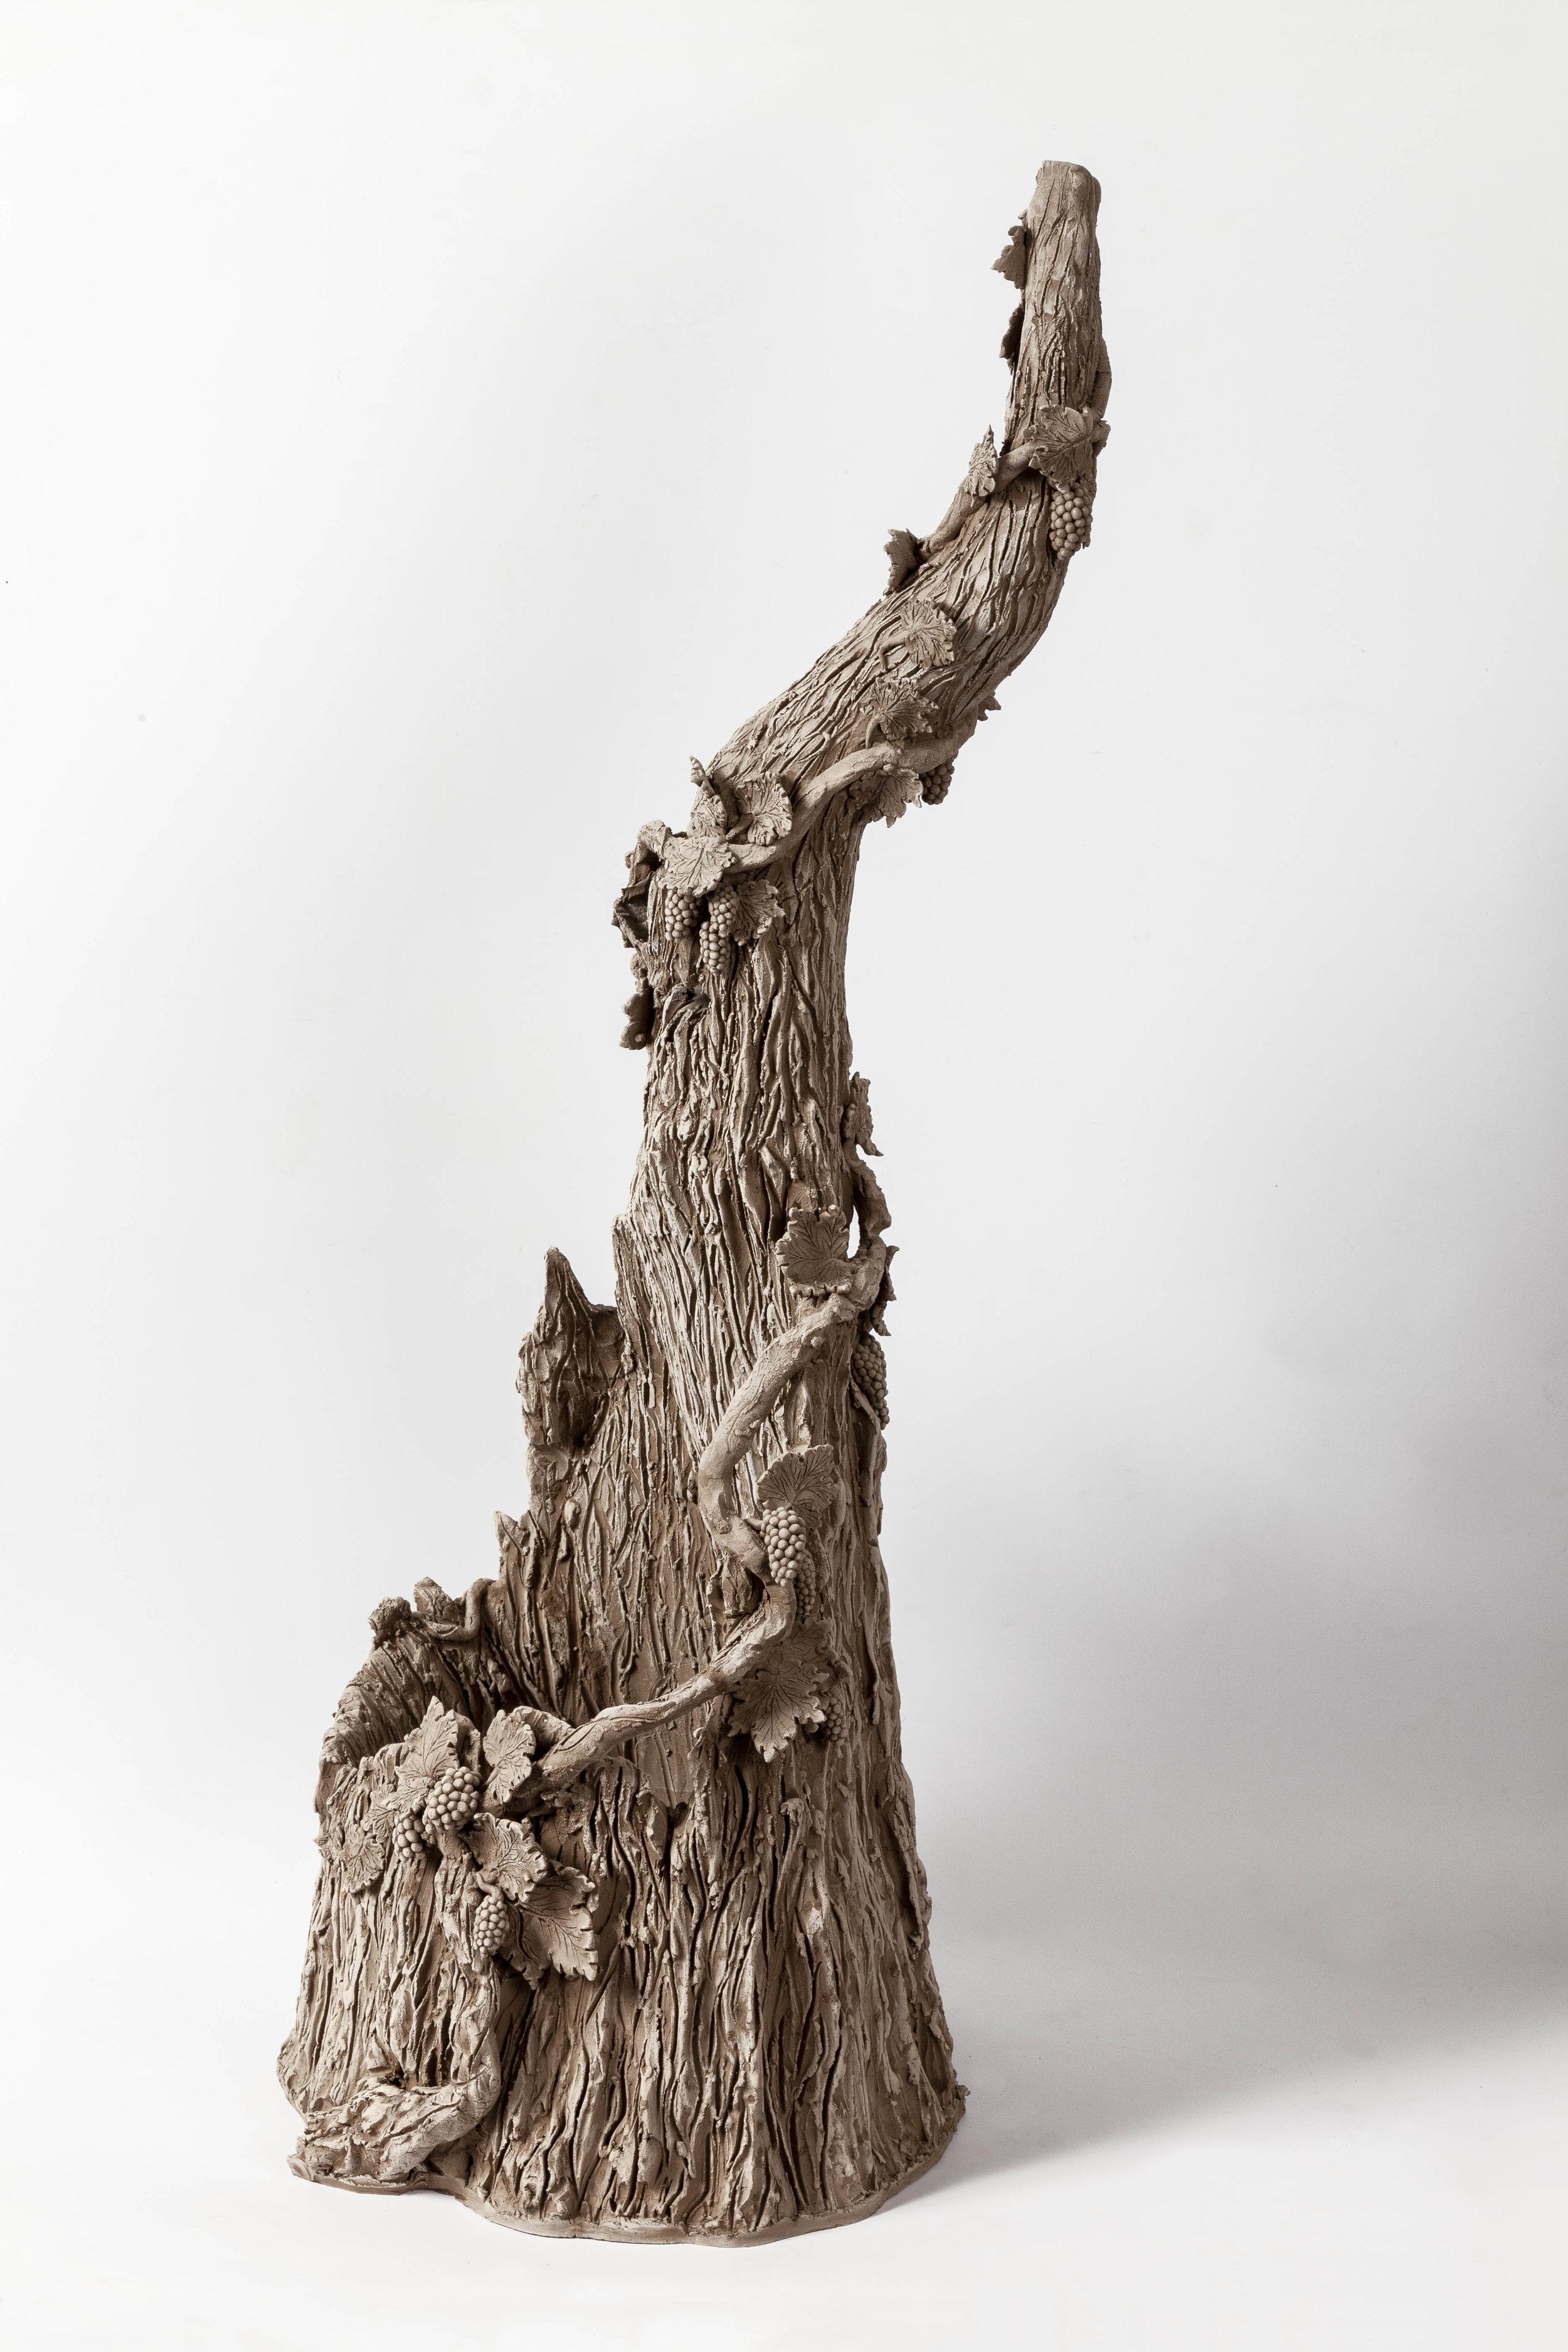 Sentier de vigne , 2016-2017. Terracotta. 91 x 40 x 40 cm